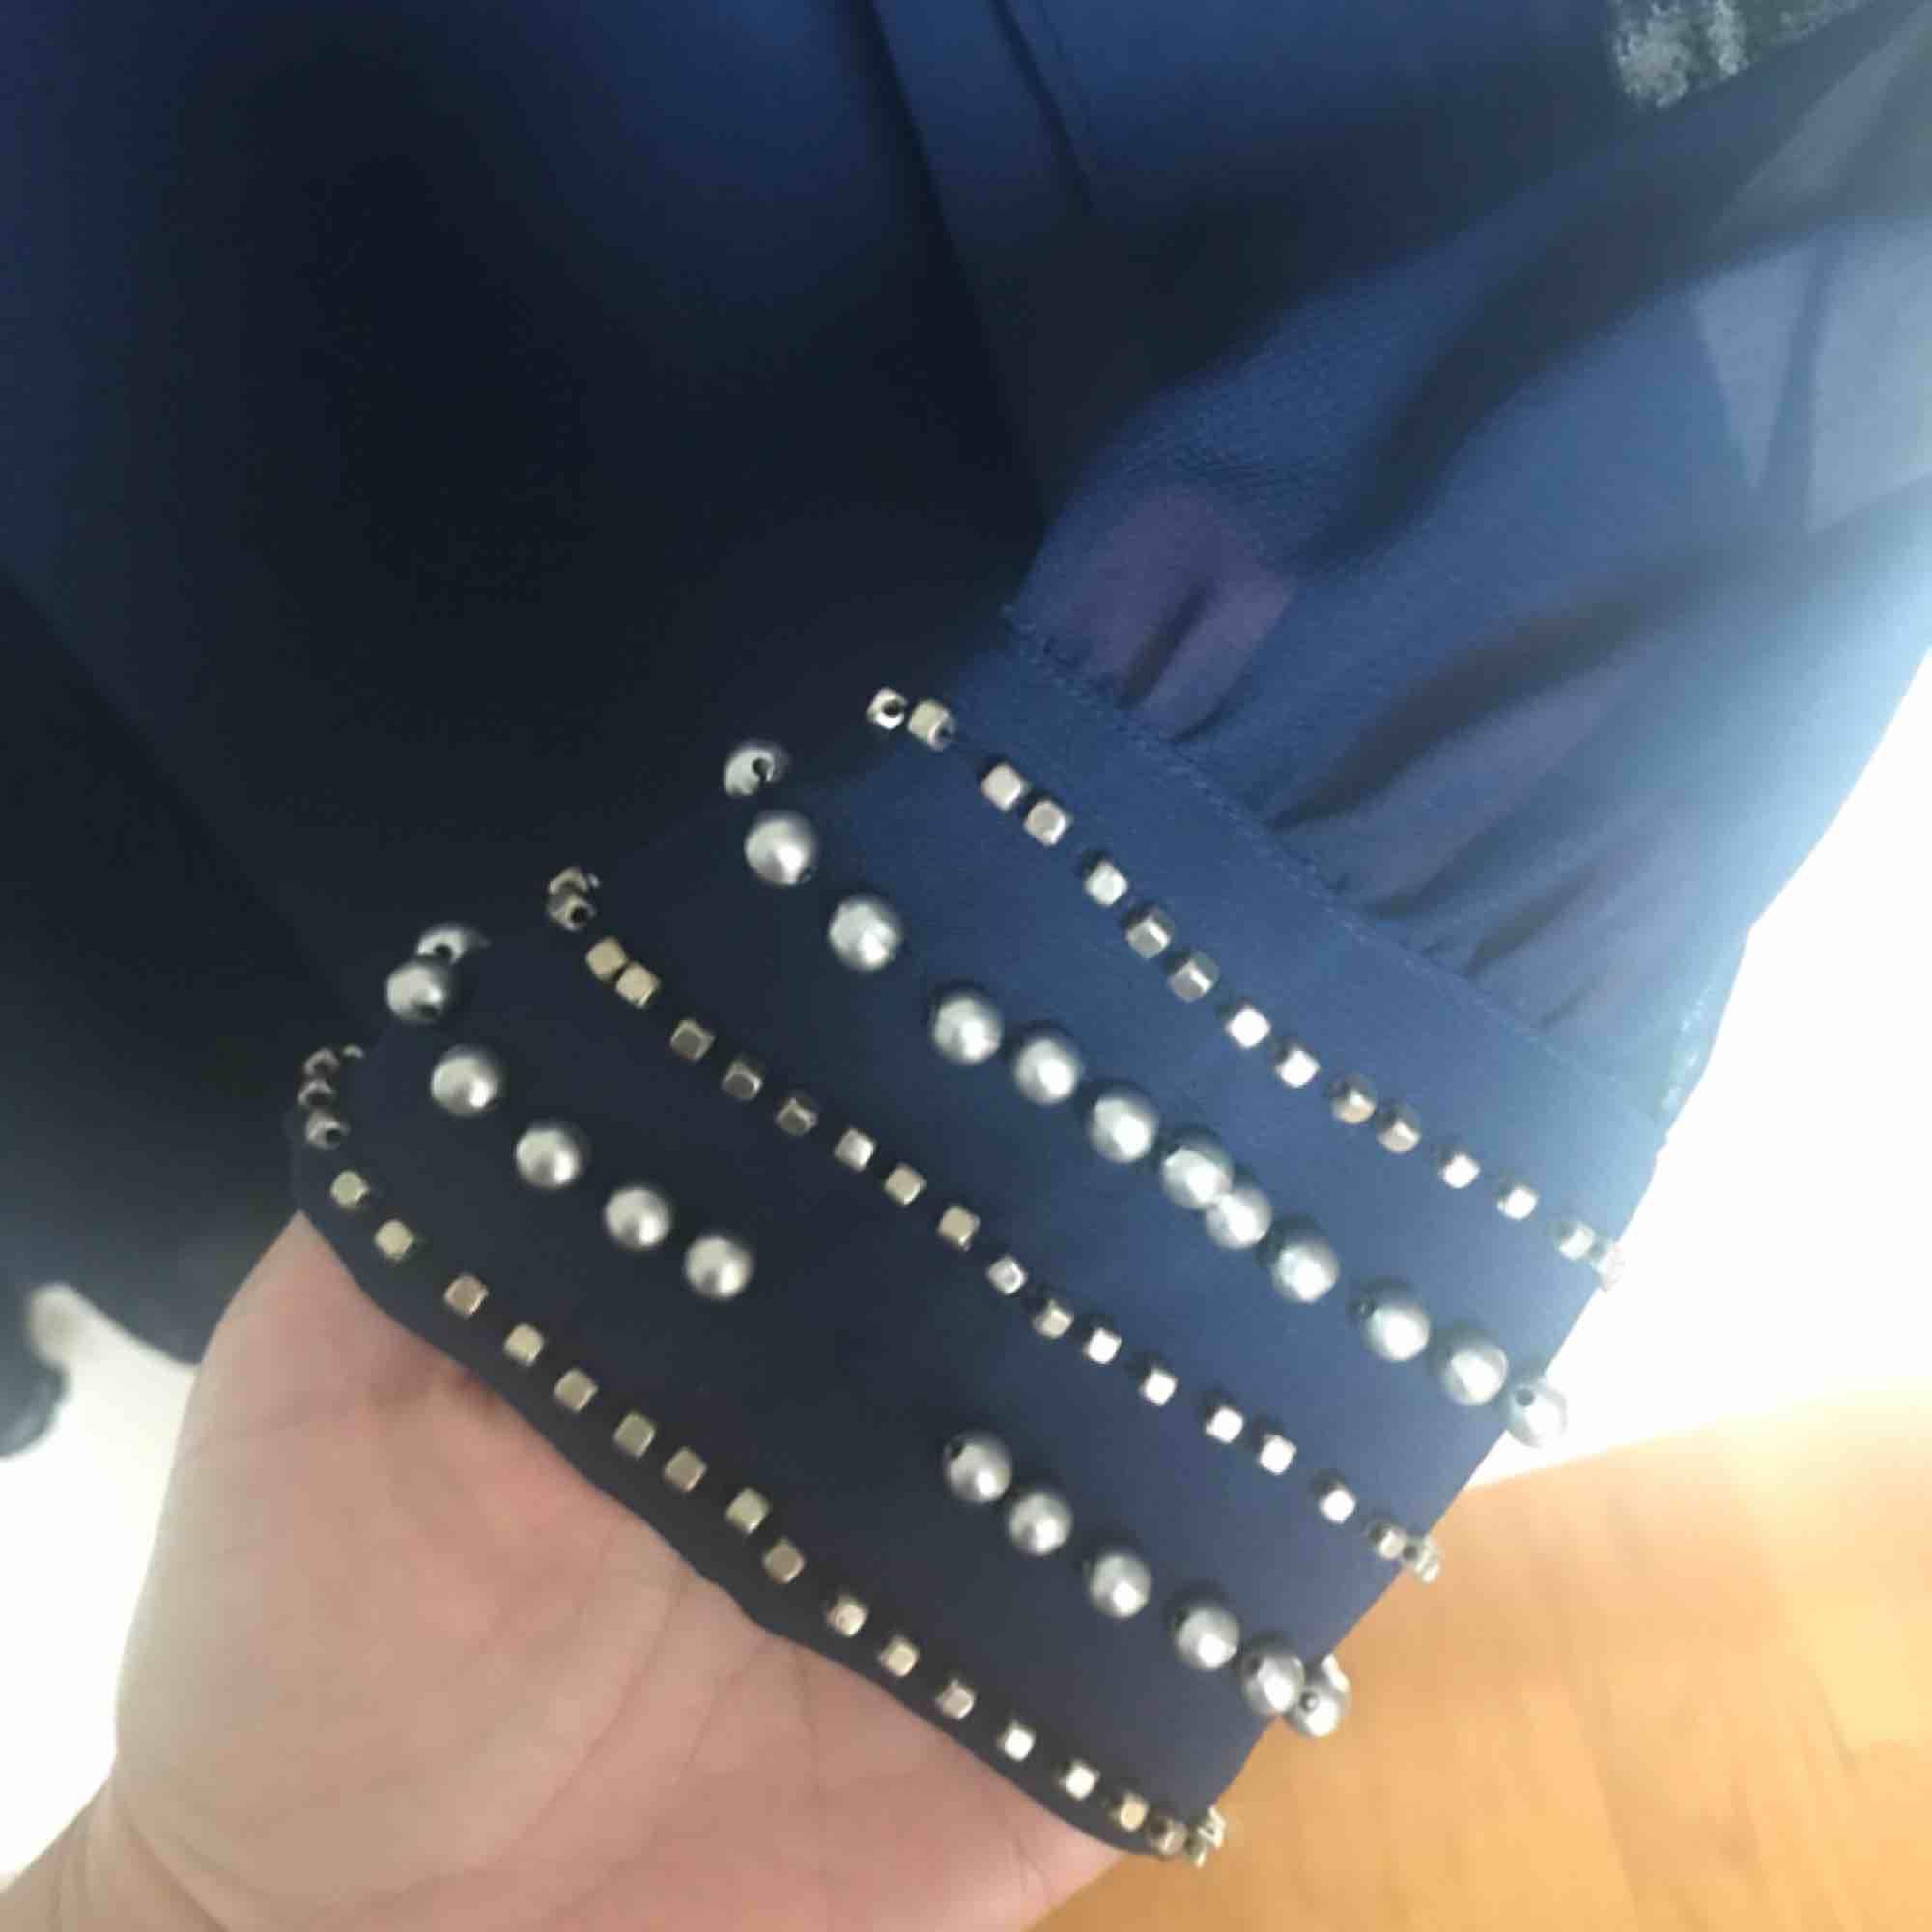 Marinblå blus med pärlor på ärmarna. Lite mer transparent tyg på armarna. Saknas två pärlor, se bild 3. Därav billigt pris. Inget som syns då det är närmst kroppen 💌 frakt är inräknat i priser . Blusar.